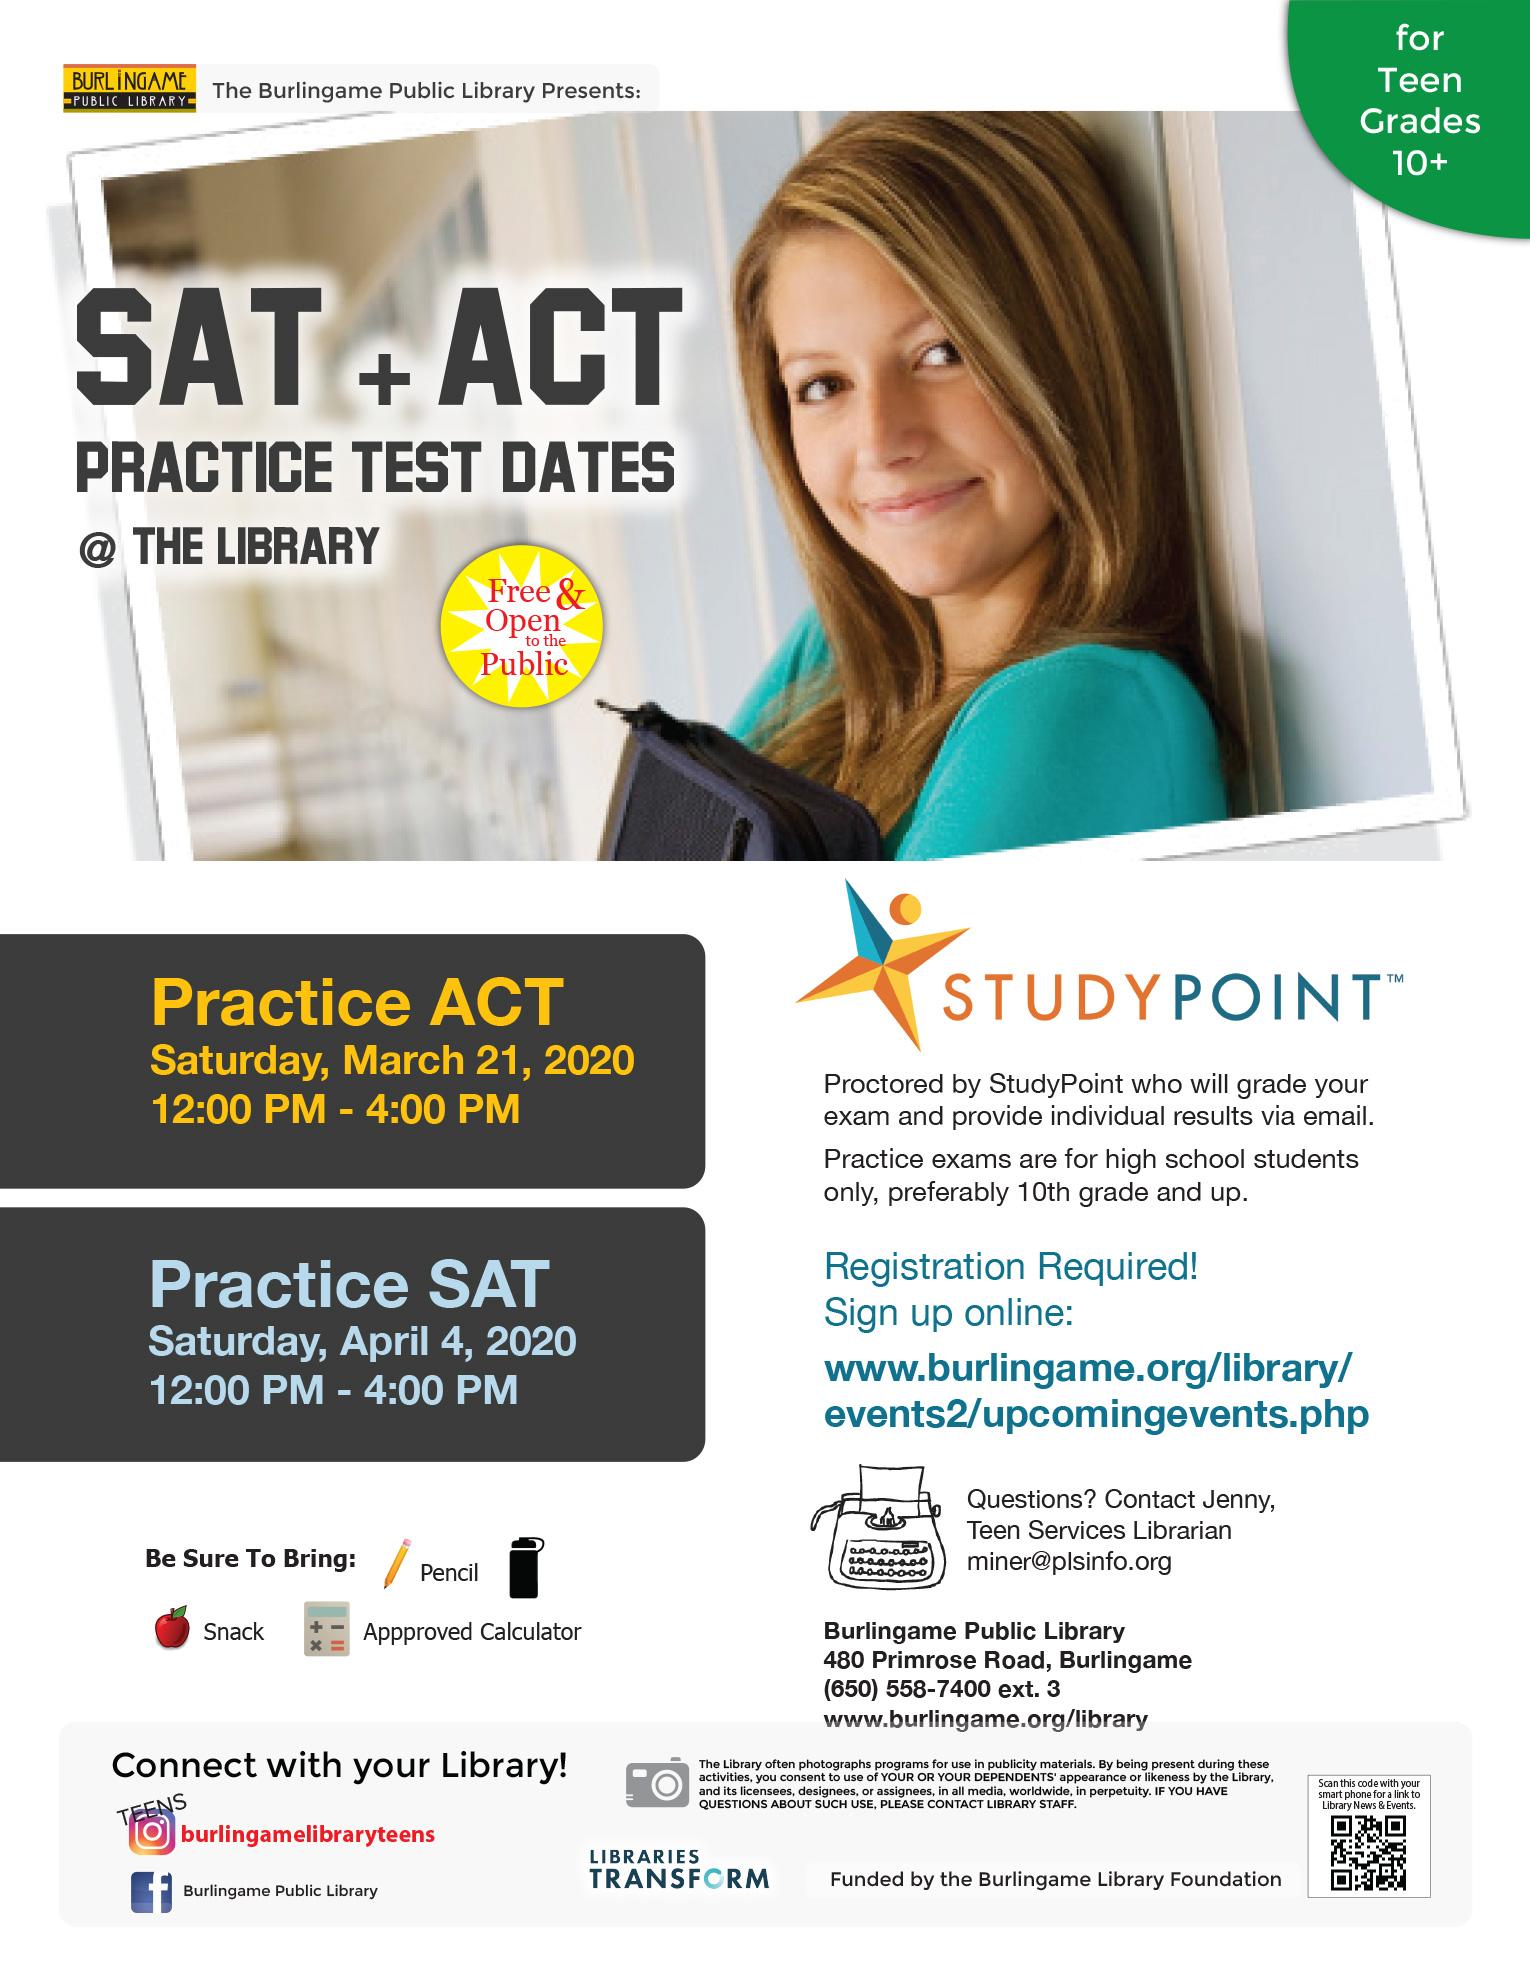 Practice ACT Exam